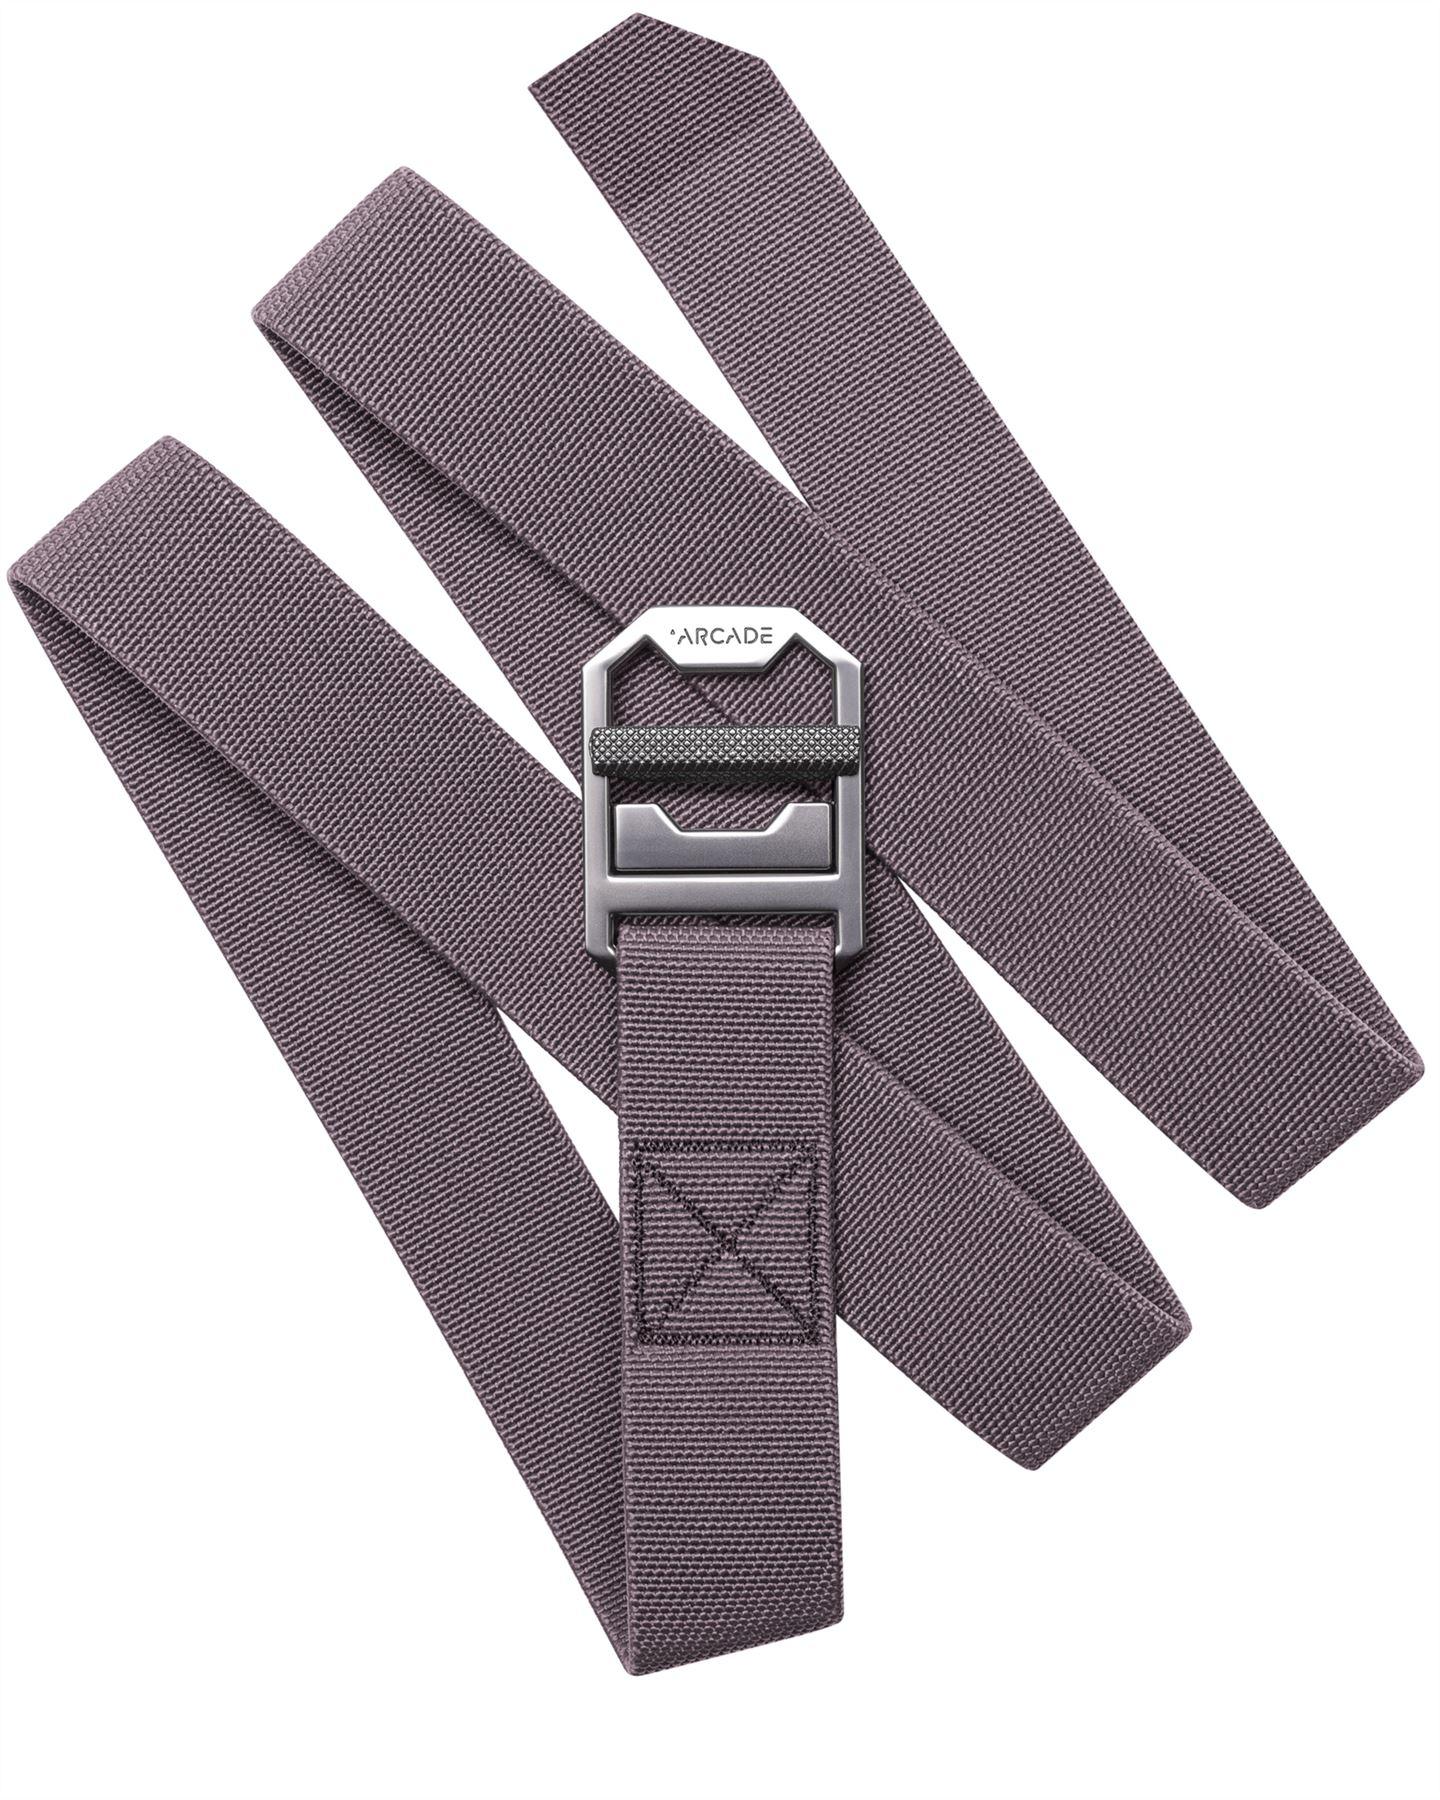 Arcade Ranger Belt Unisex Suspender Strap New